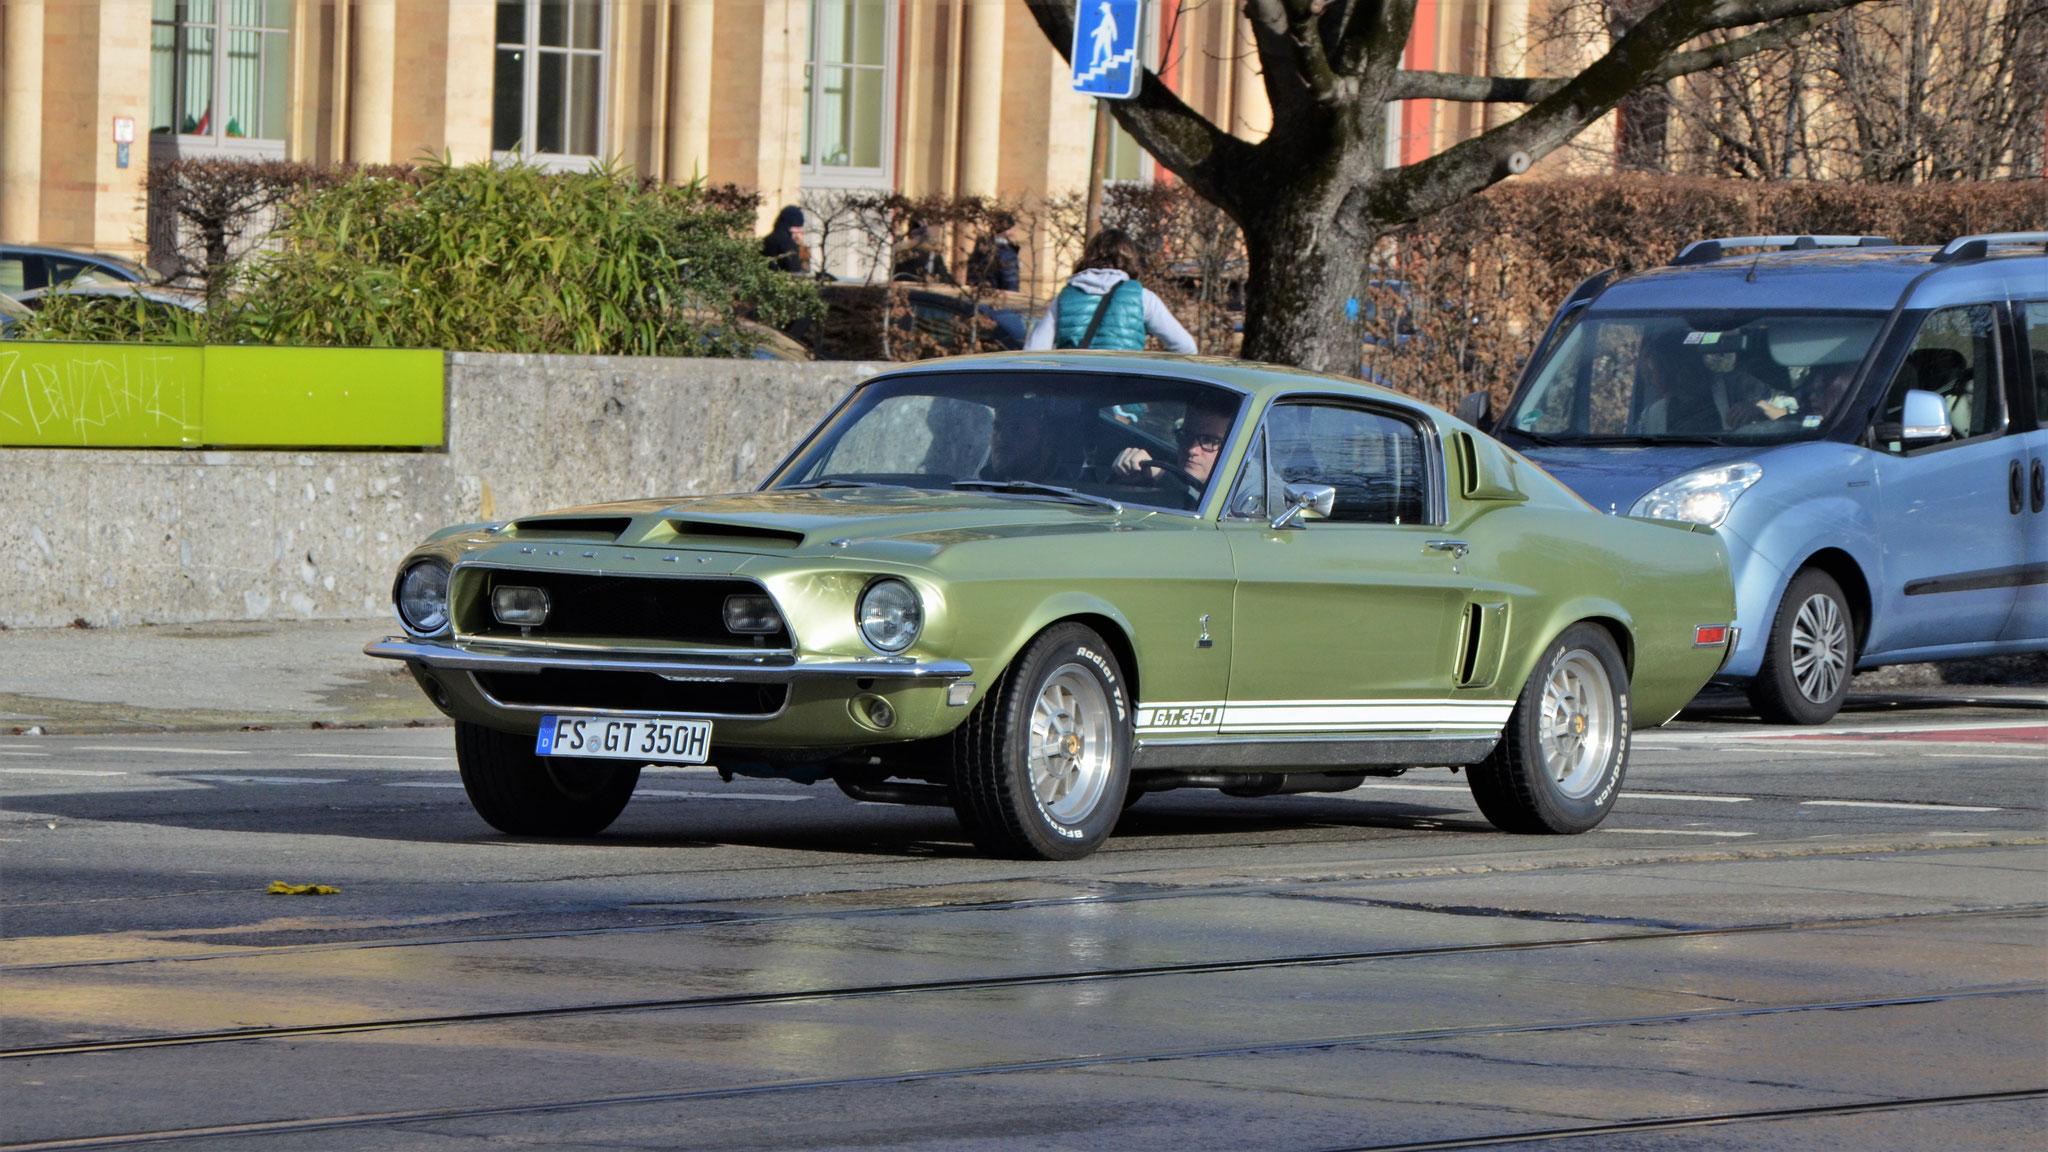 Mustang I GT 350 - FS-GT-350H